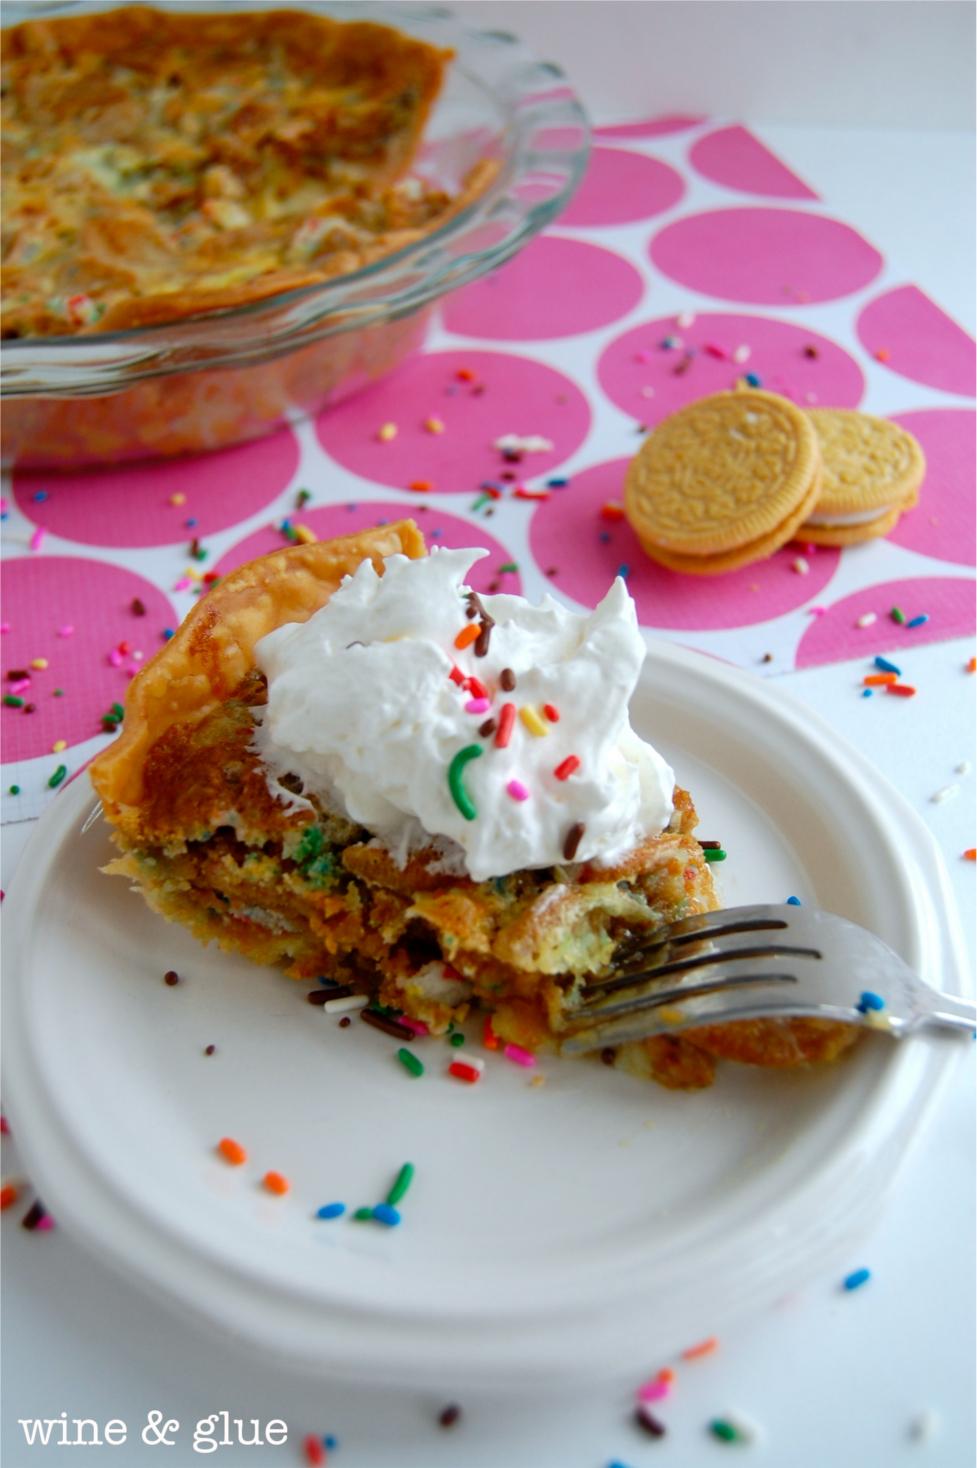 ... Oreo Cookie Birthday Cake Pie from Wine & Glue #birthday #cake #oreo #